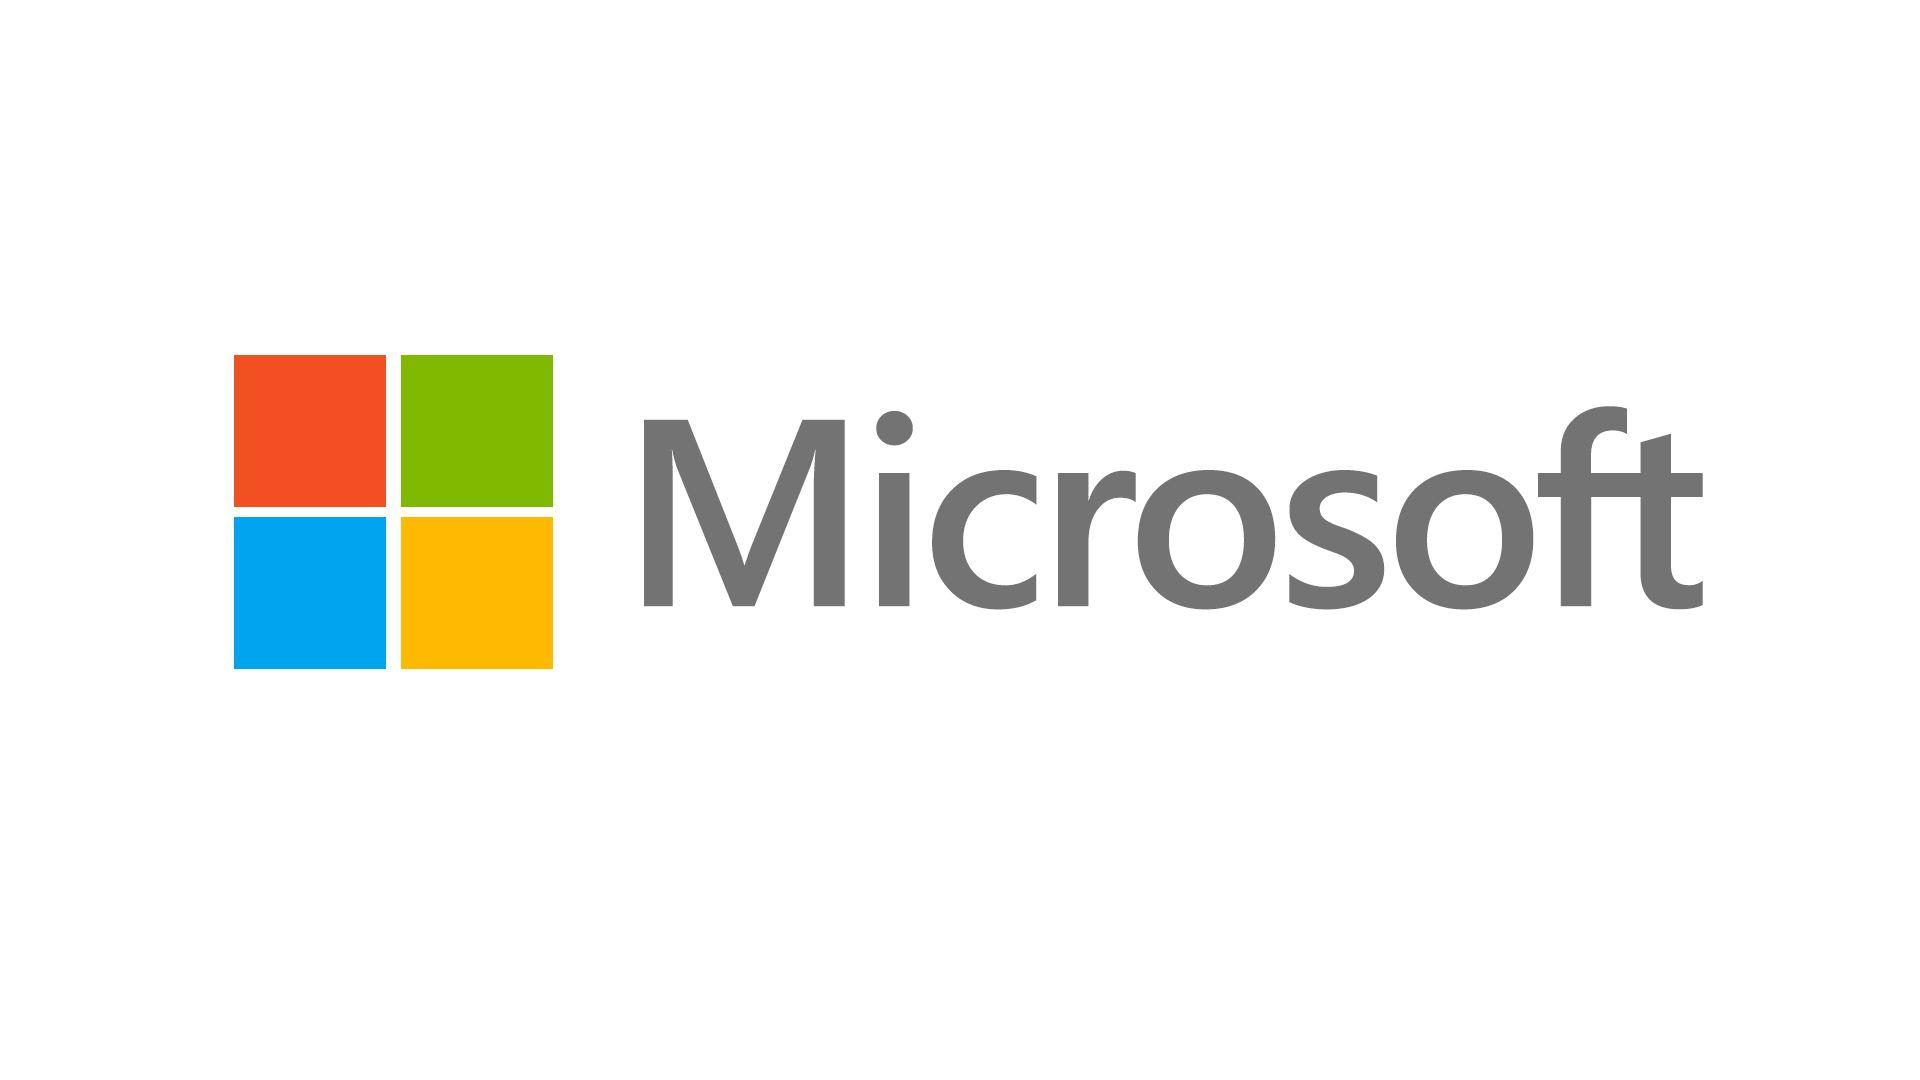 微软转型里程碑:云计算收入首次超过Windows业务